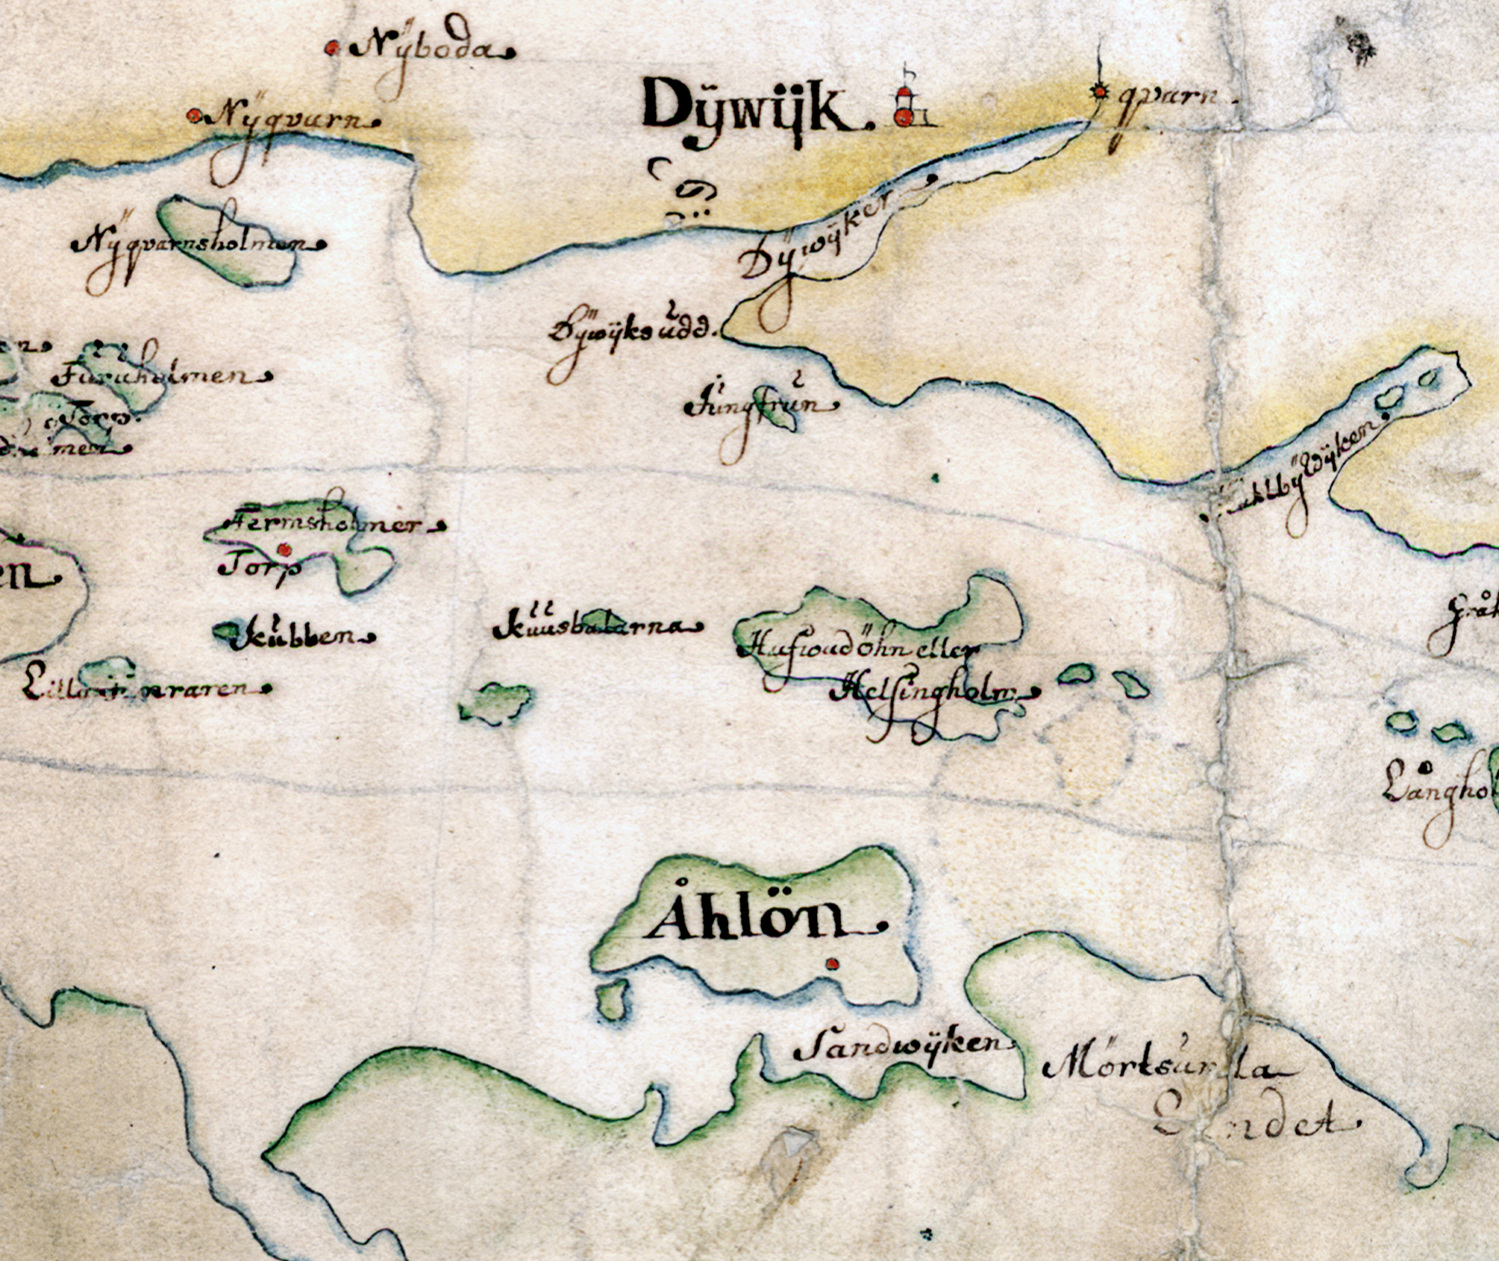 Öarna i Furusundsleden på Carl Gripenhielms skärgårdskarta från 1690-talet. Väderstrecken är förvridna.